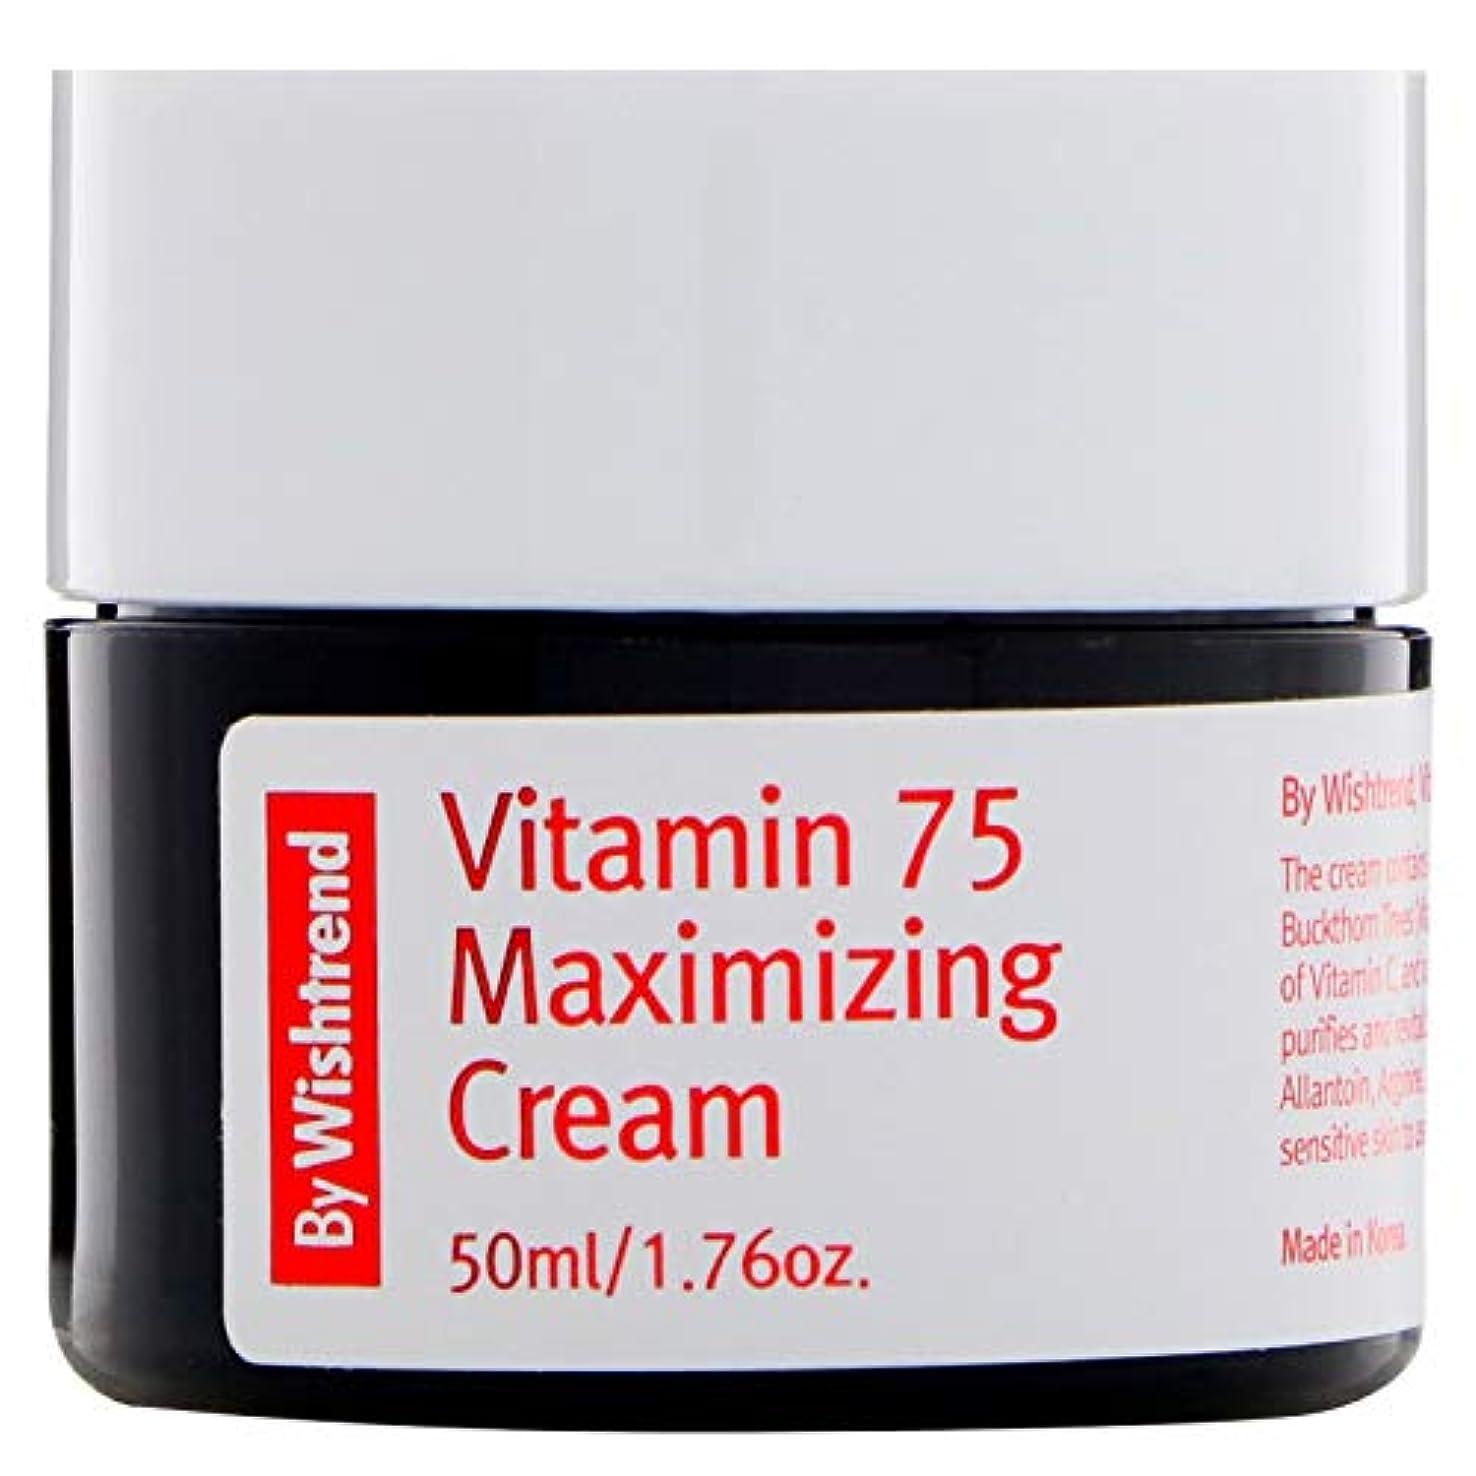 鎮痛剤鰐平凡[BY WISHTREND]ビタミン75 マキシマイジング クリーム, Vitamin 75 Maximizing Cream [並行輸入品]